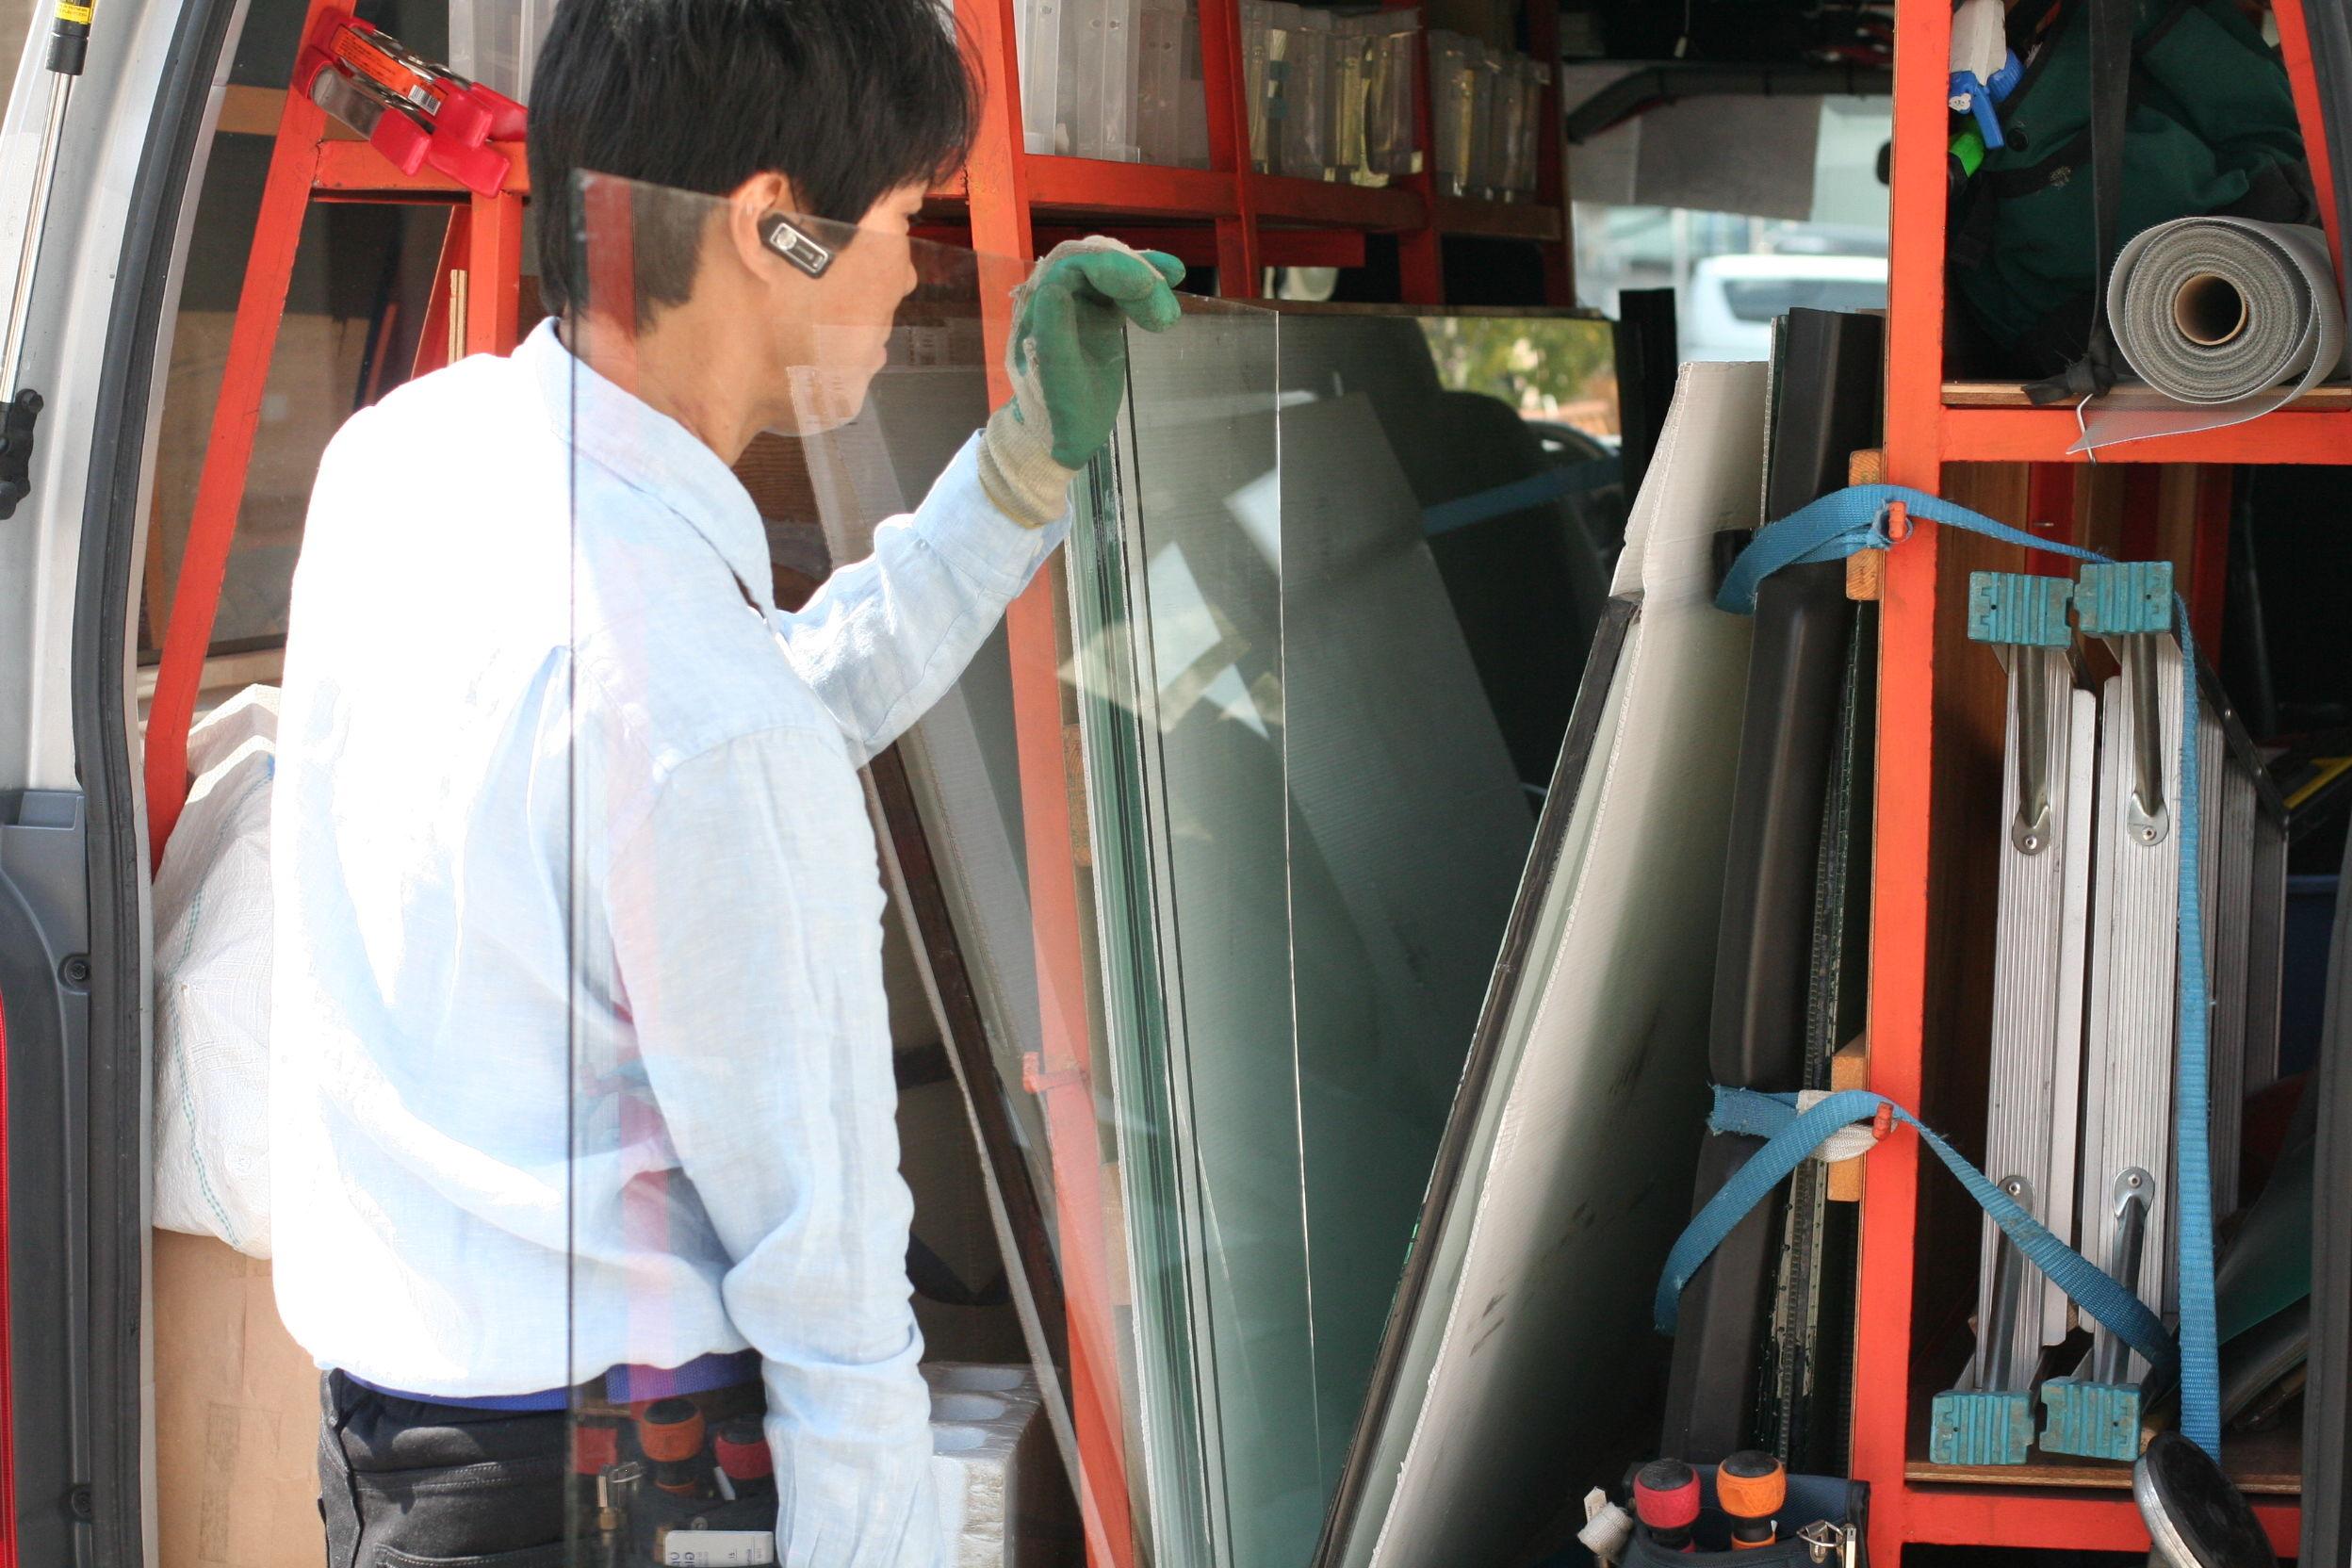 ガラスのトラブル救Q隊.24【寝屋川市 出張エリア】の店内・外観画像2